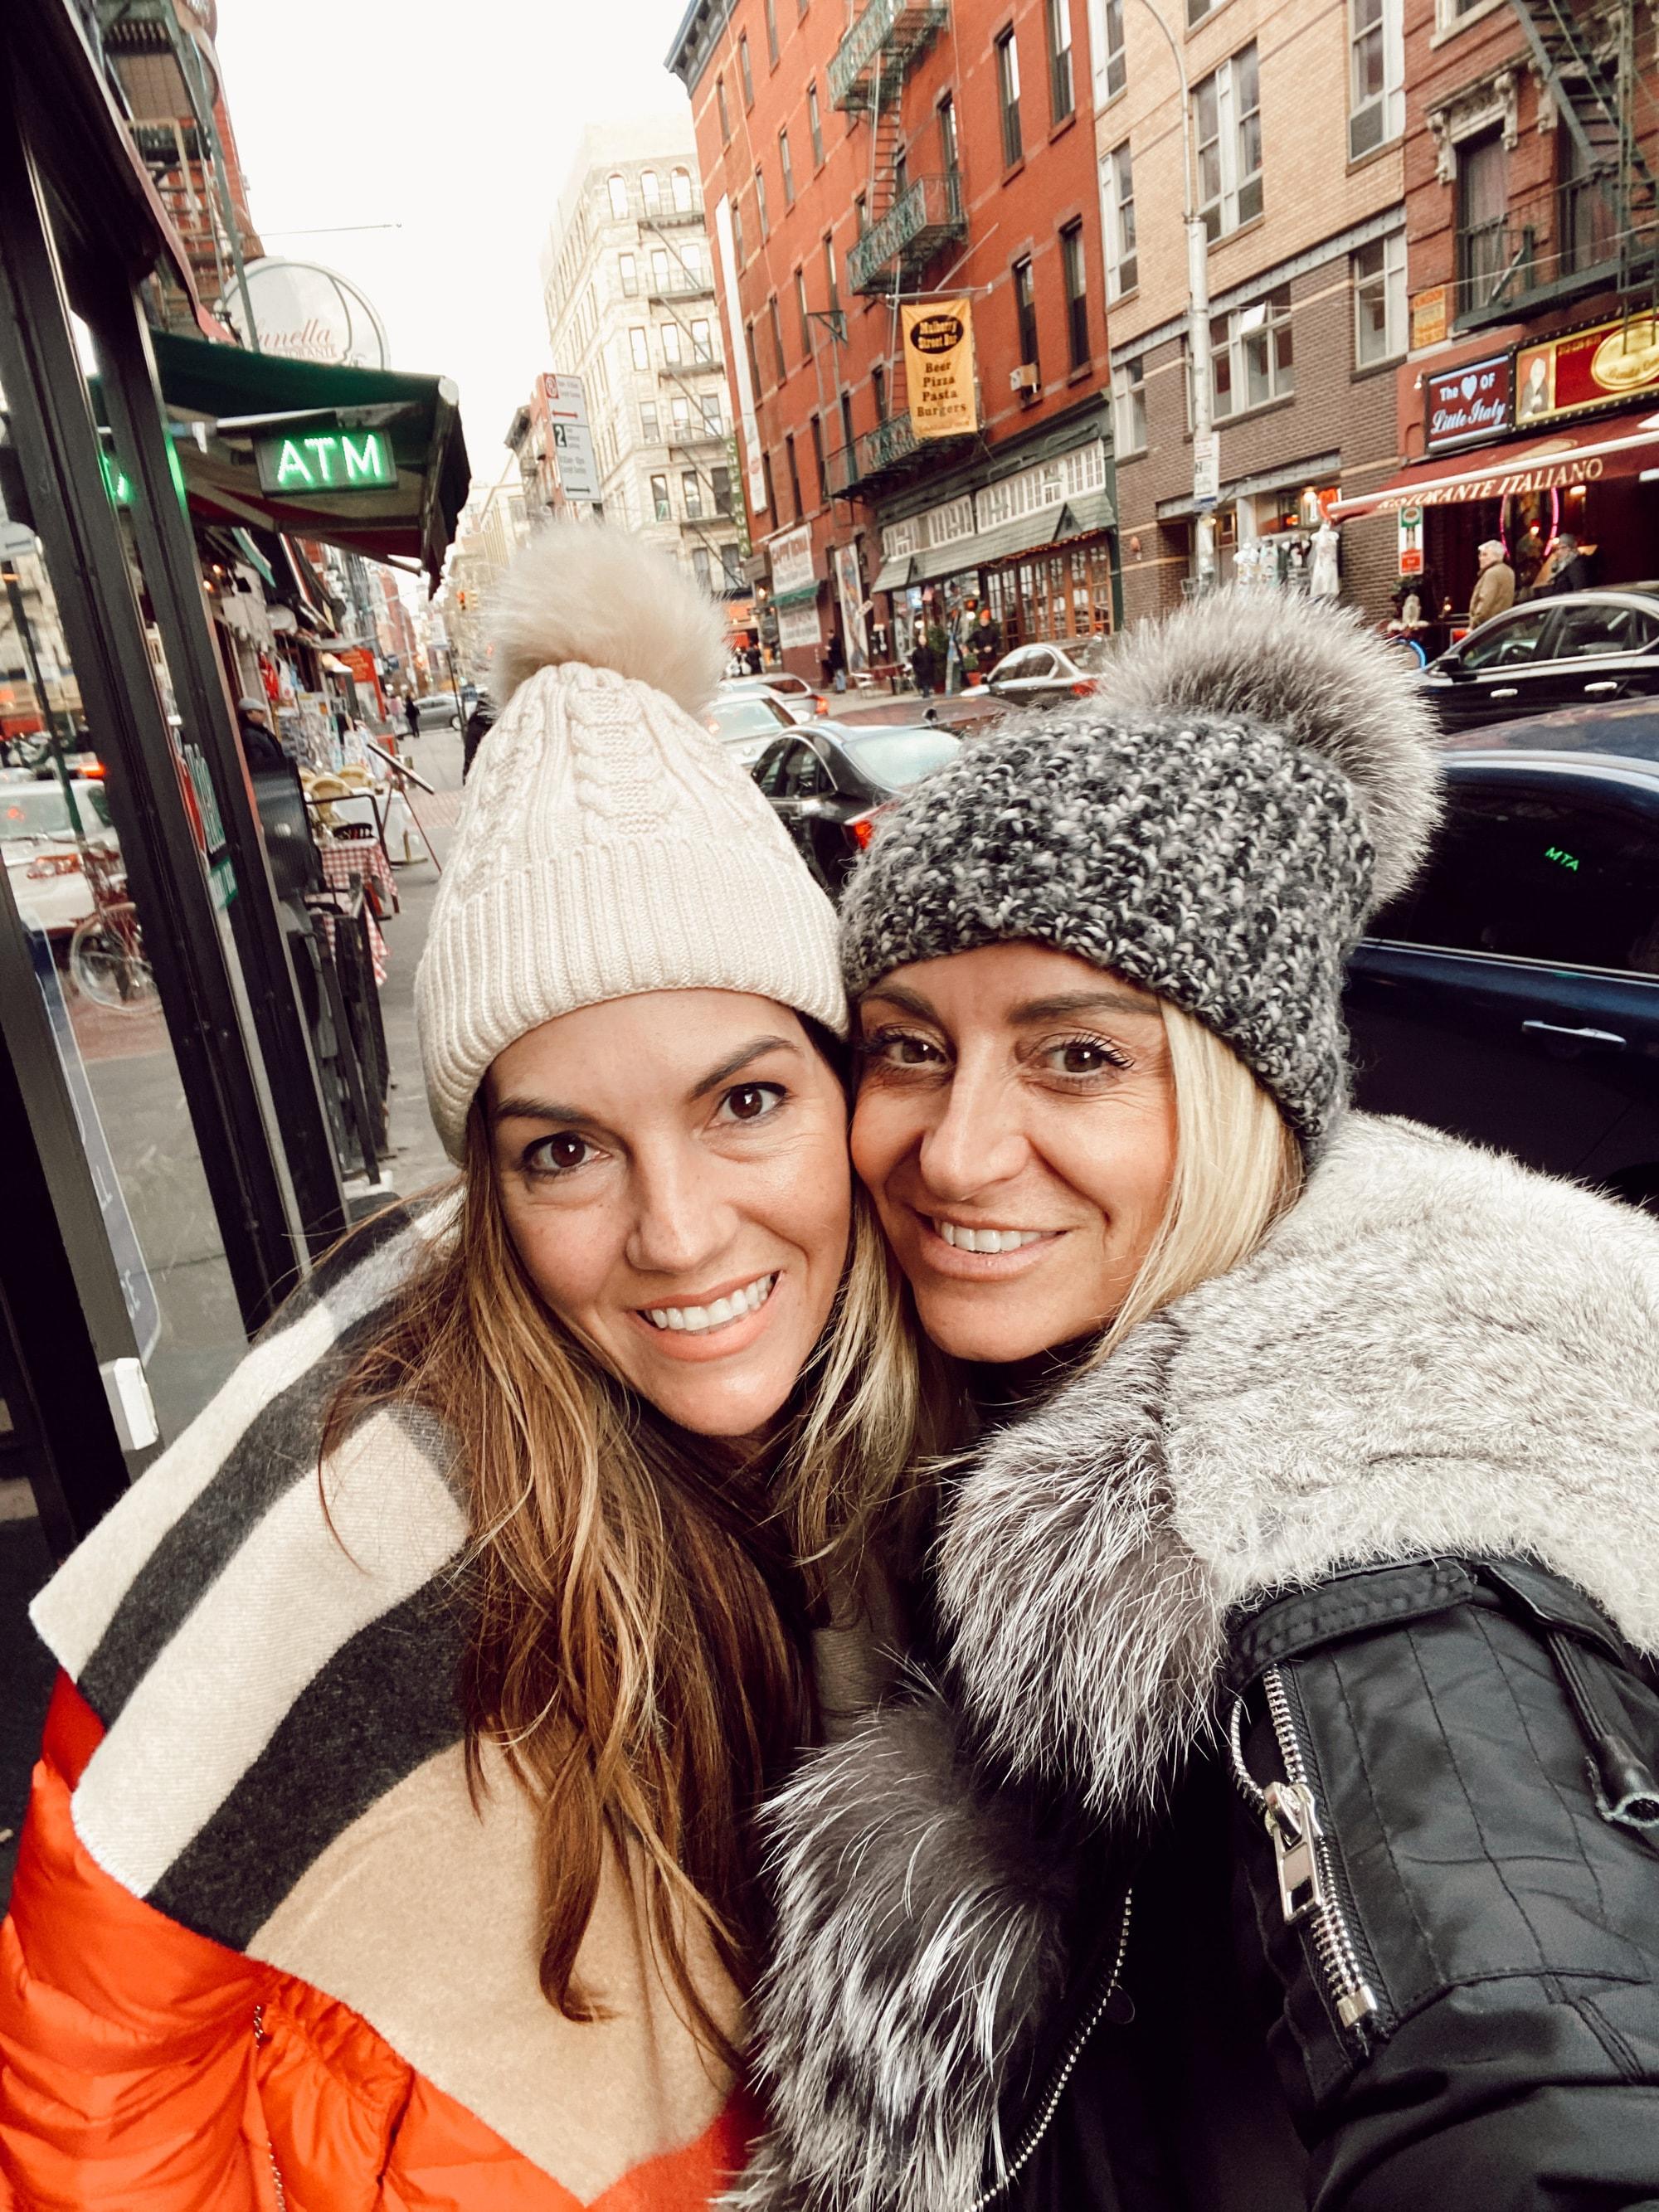 women selfie in new york city